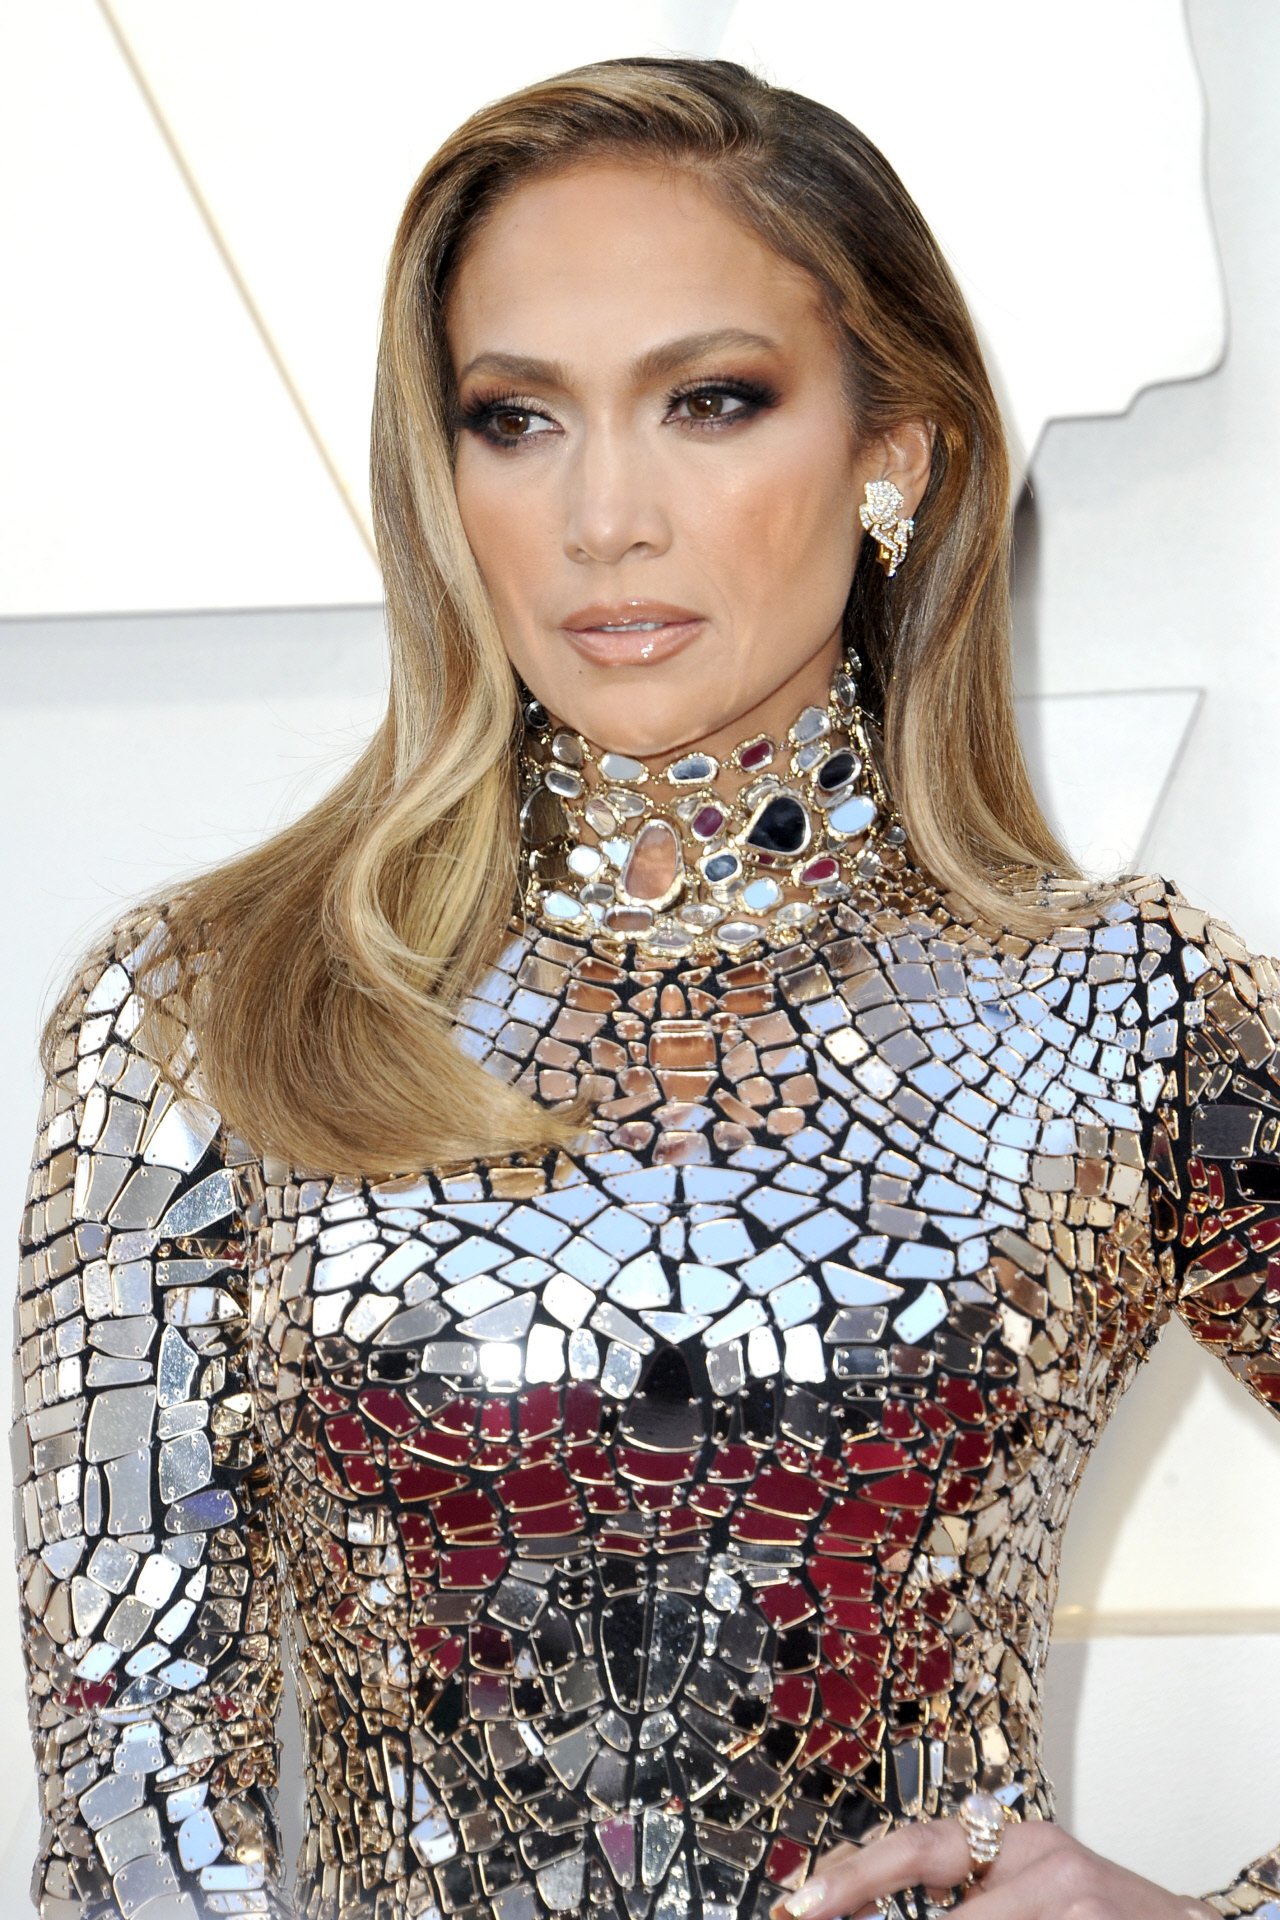 Las mechas de Jennifer Lopez empiezan oscuras en la raíz pero su pelo cambia a mechones caramelo y puntas rubias claras y da como resultado un look muy natural que nos encanta.